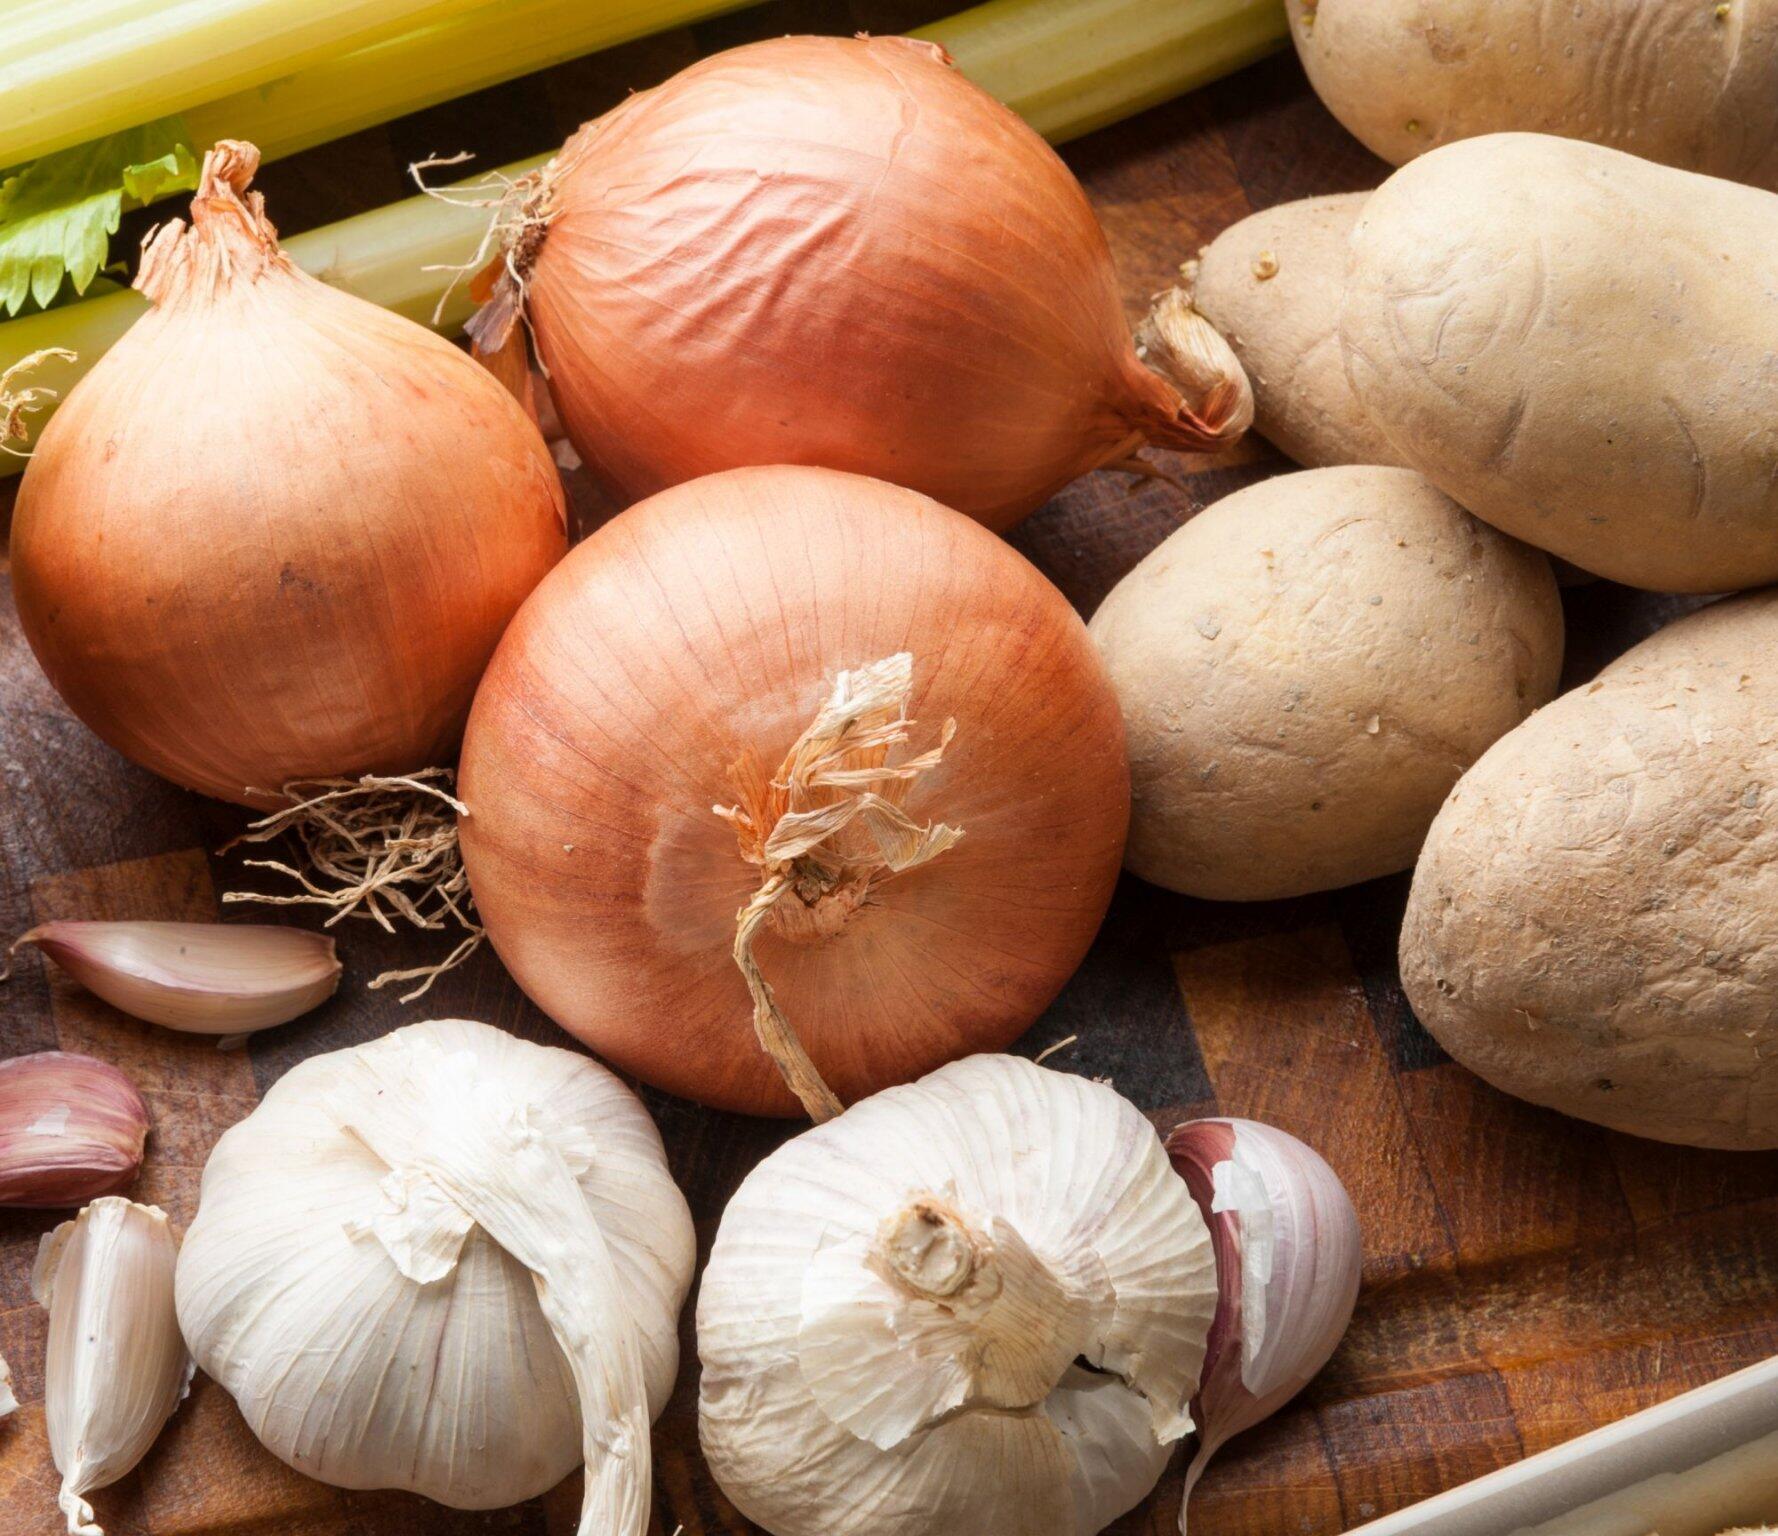 лук, чеснок и картофель